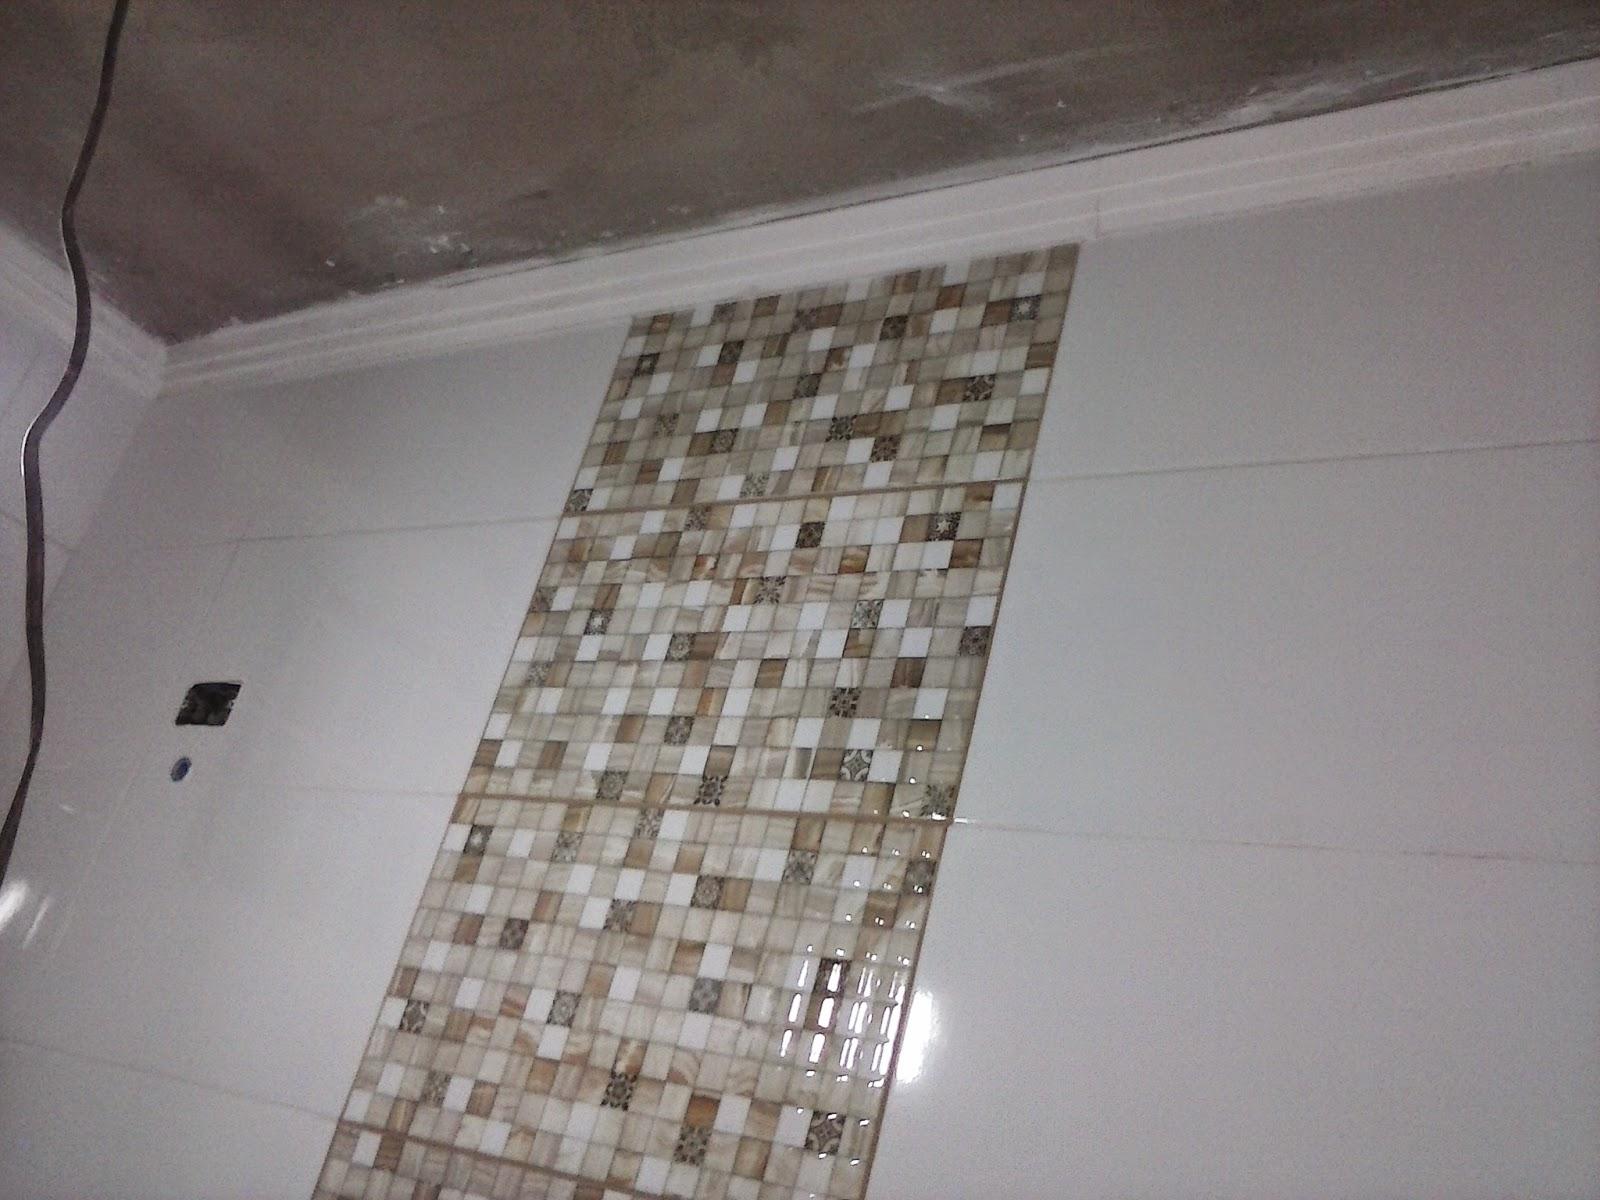 HIGH AND DRY: Banheiro e moldura de gesso do corredor #64594F 1600x1200 Banheiro Com Moldura De Gesso